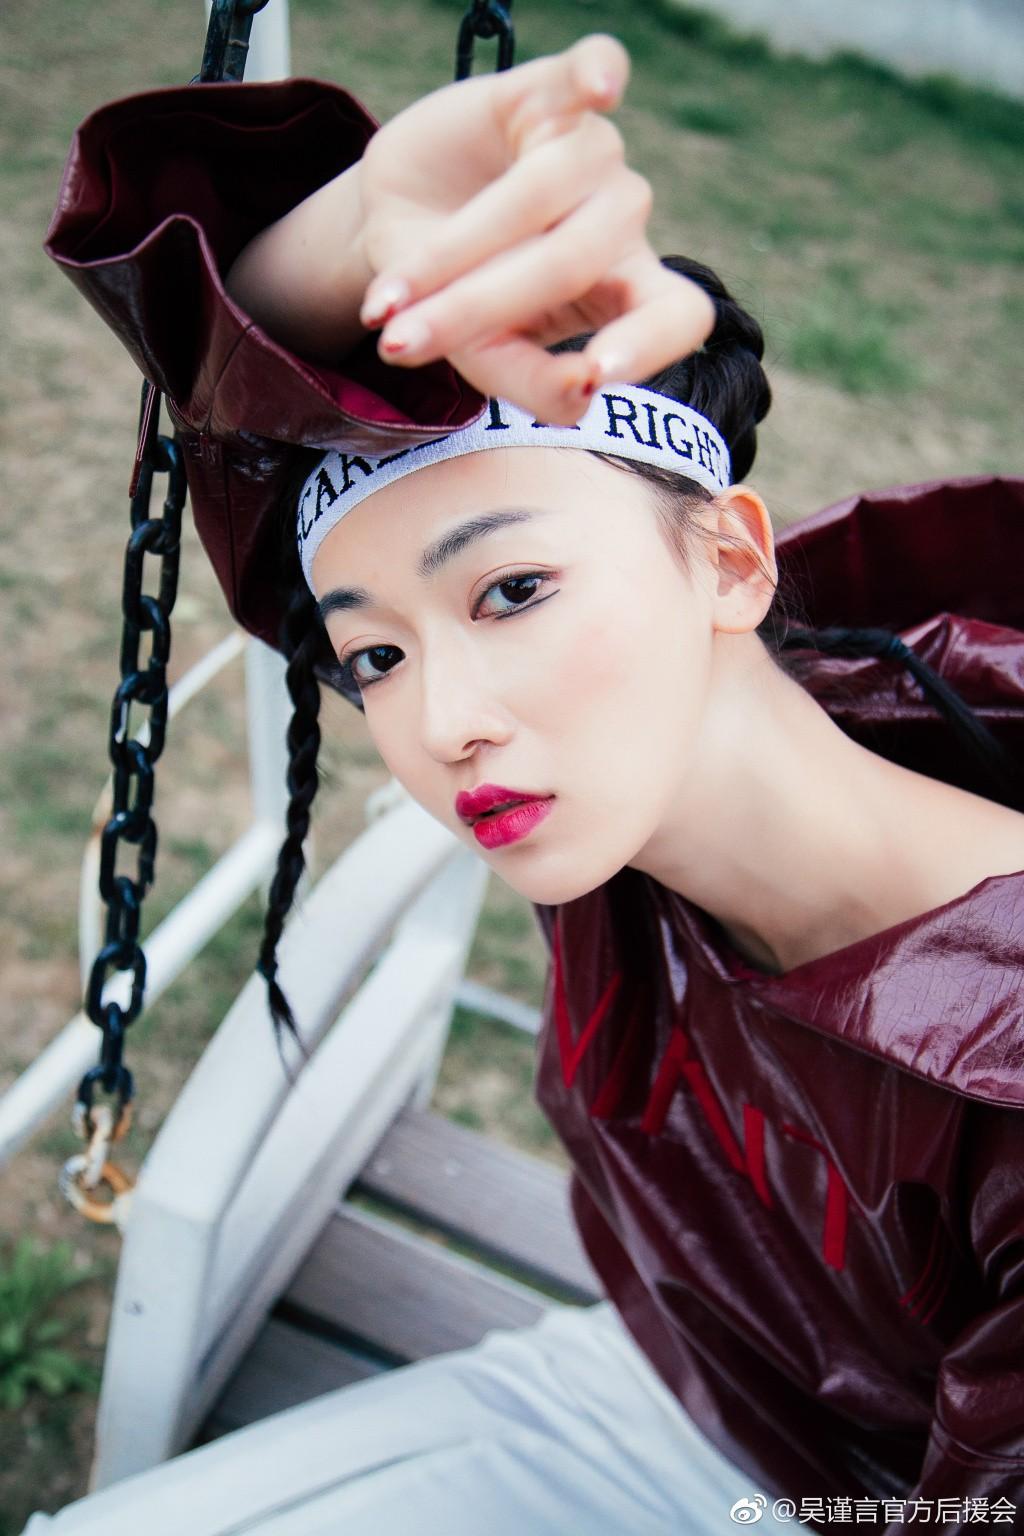 Cận cảnh nhan sắc đẹp - độc - lạ của Ngụy Anh Lạc Ngô Cẩn Ngôn trong drama hot 100 độ Diên Hi Công Lược - Ảnh 19.